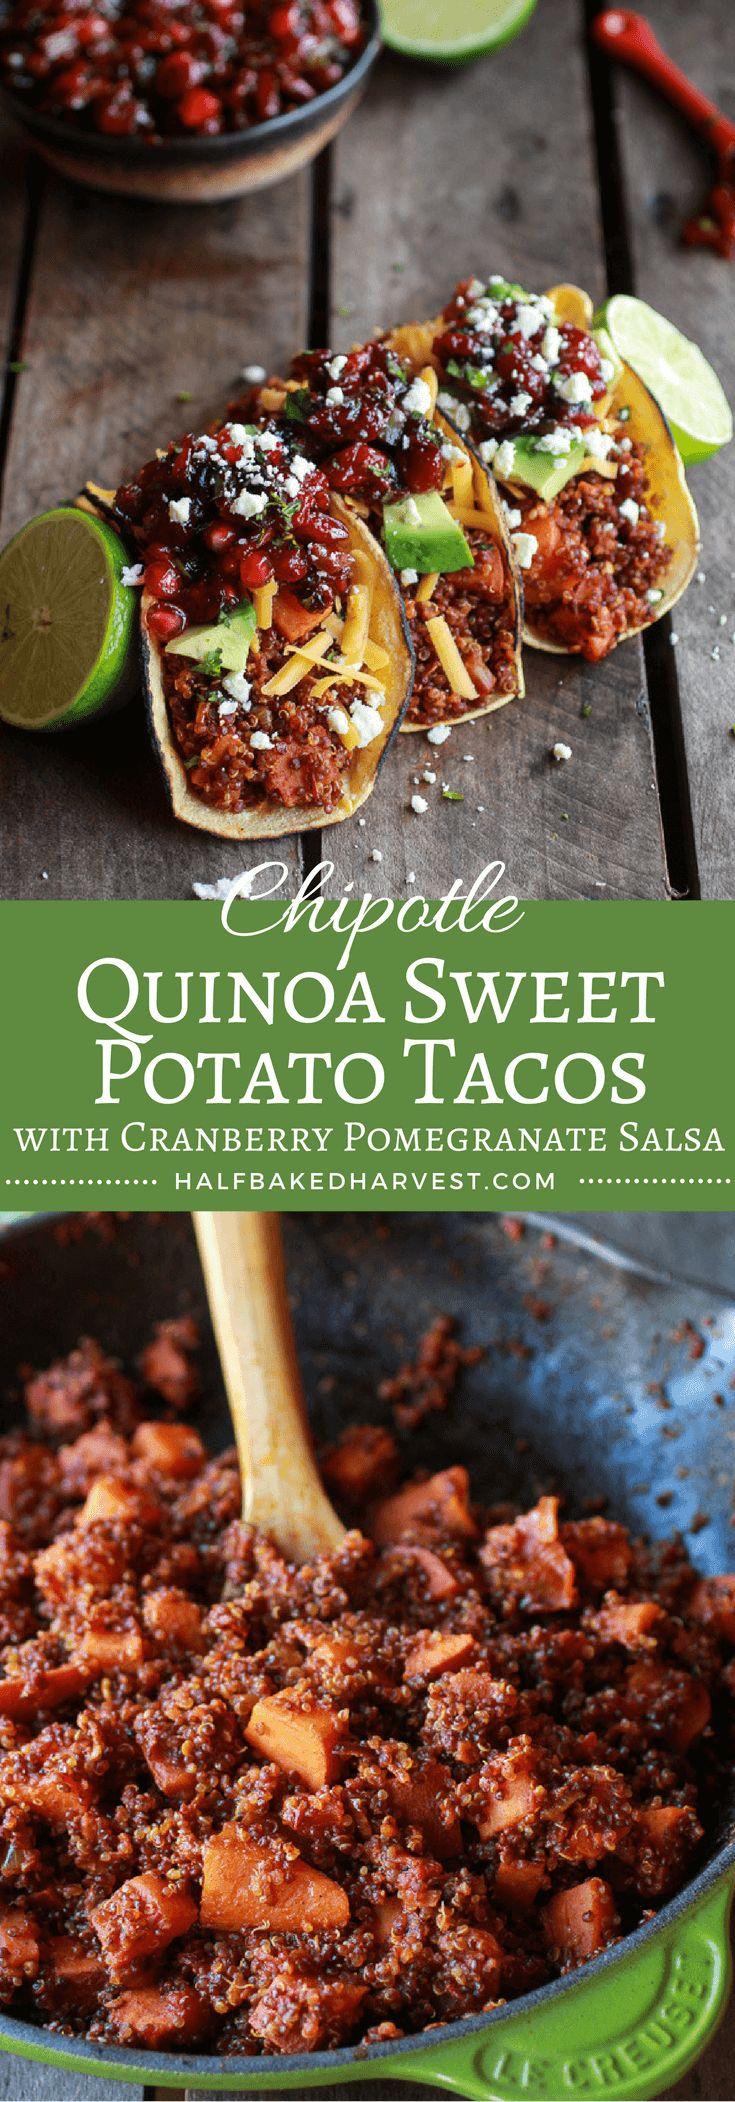 25+ bästa Potato tacos idéerna på Pinterest | Veganrecept ...